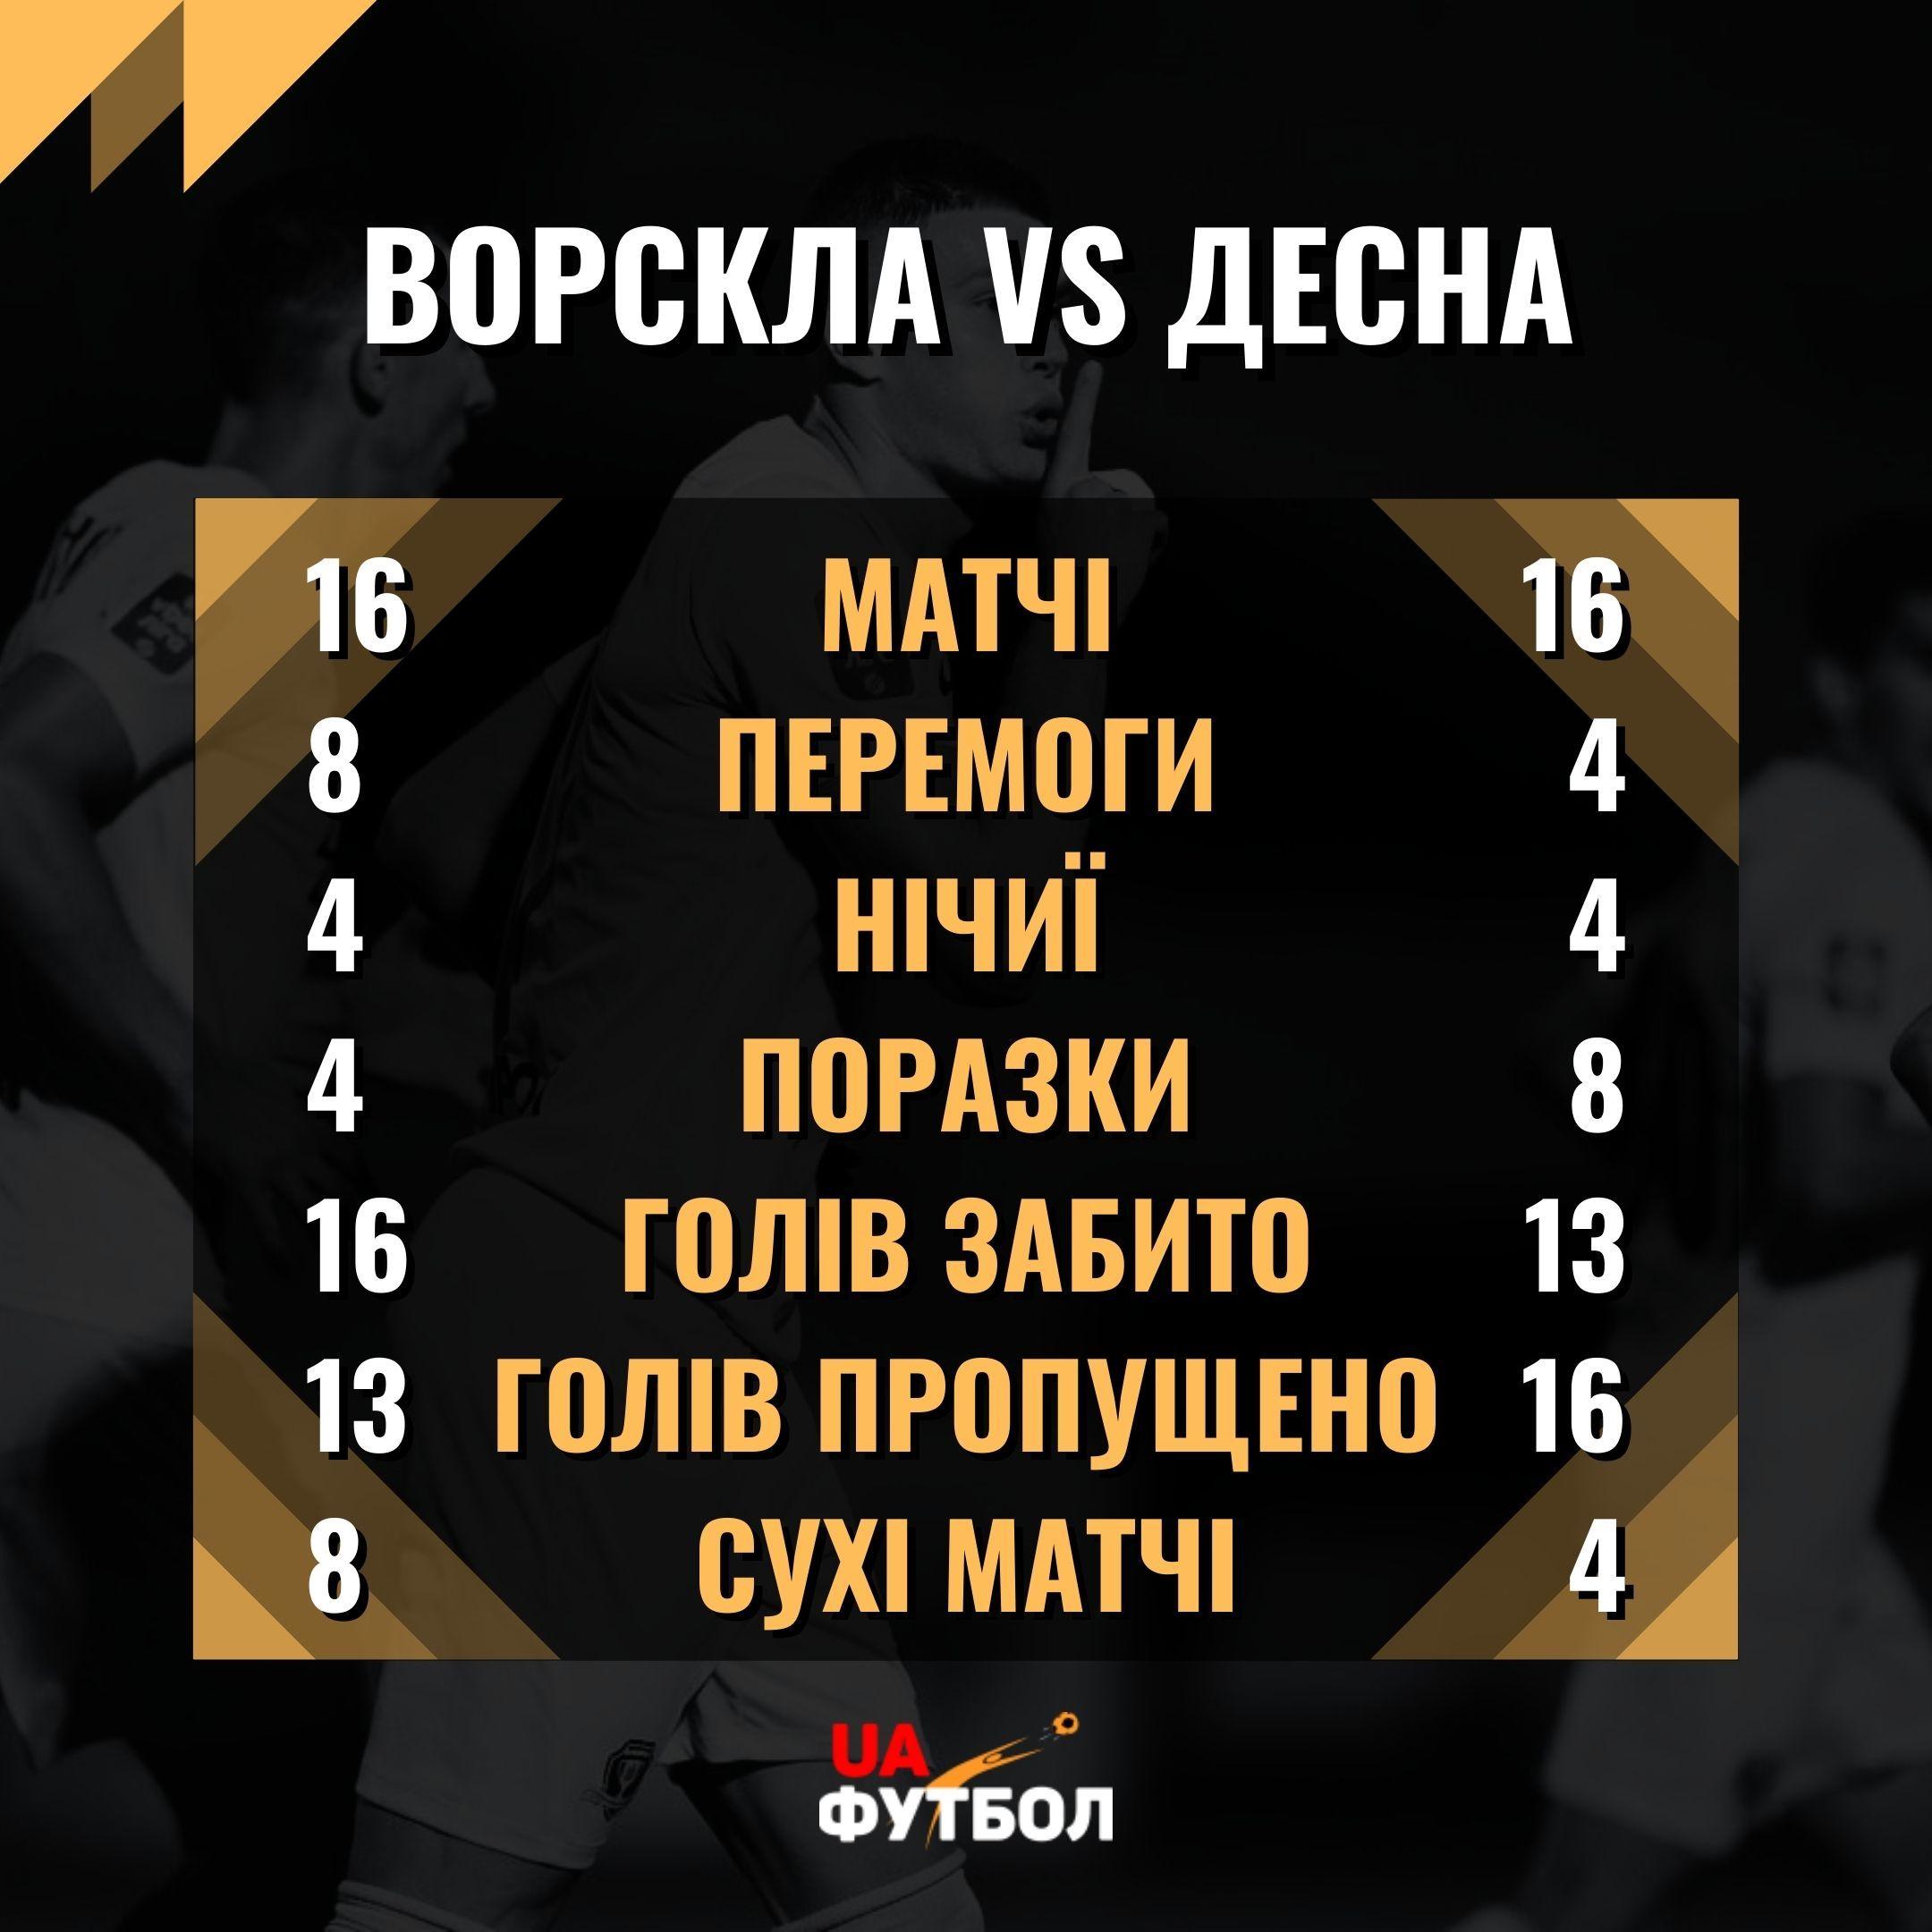 Ворскла - Десна. Анонс и прогноз на матч УПЛ 12.09.2021 - изображение 3